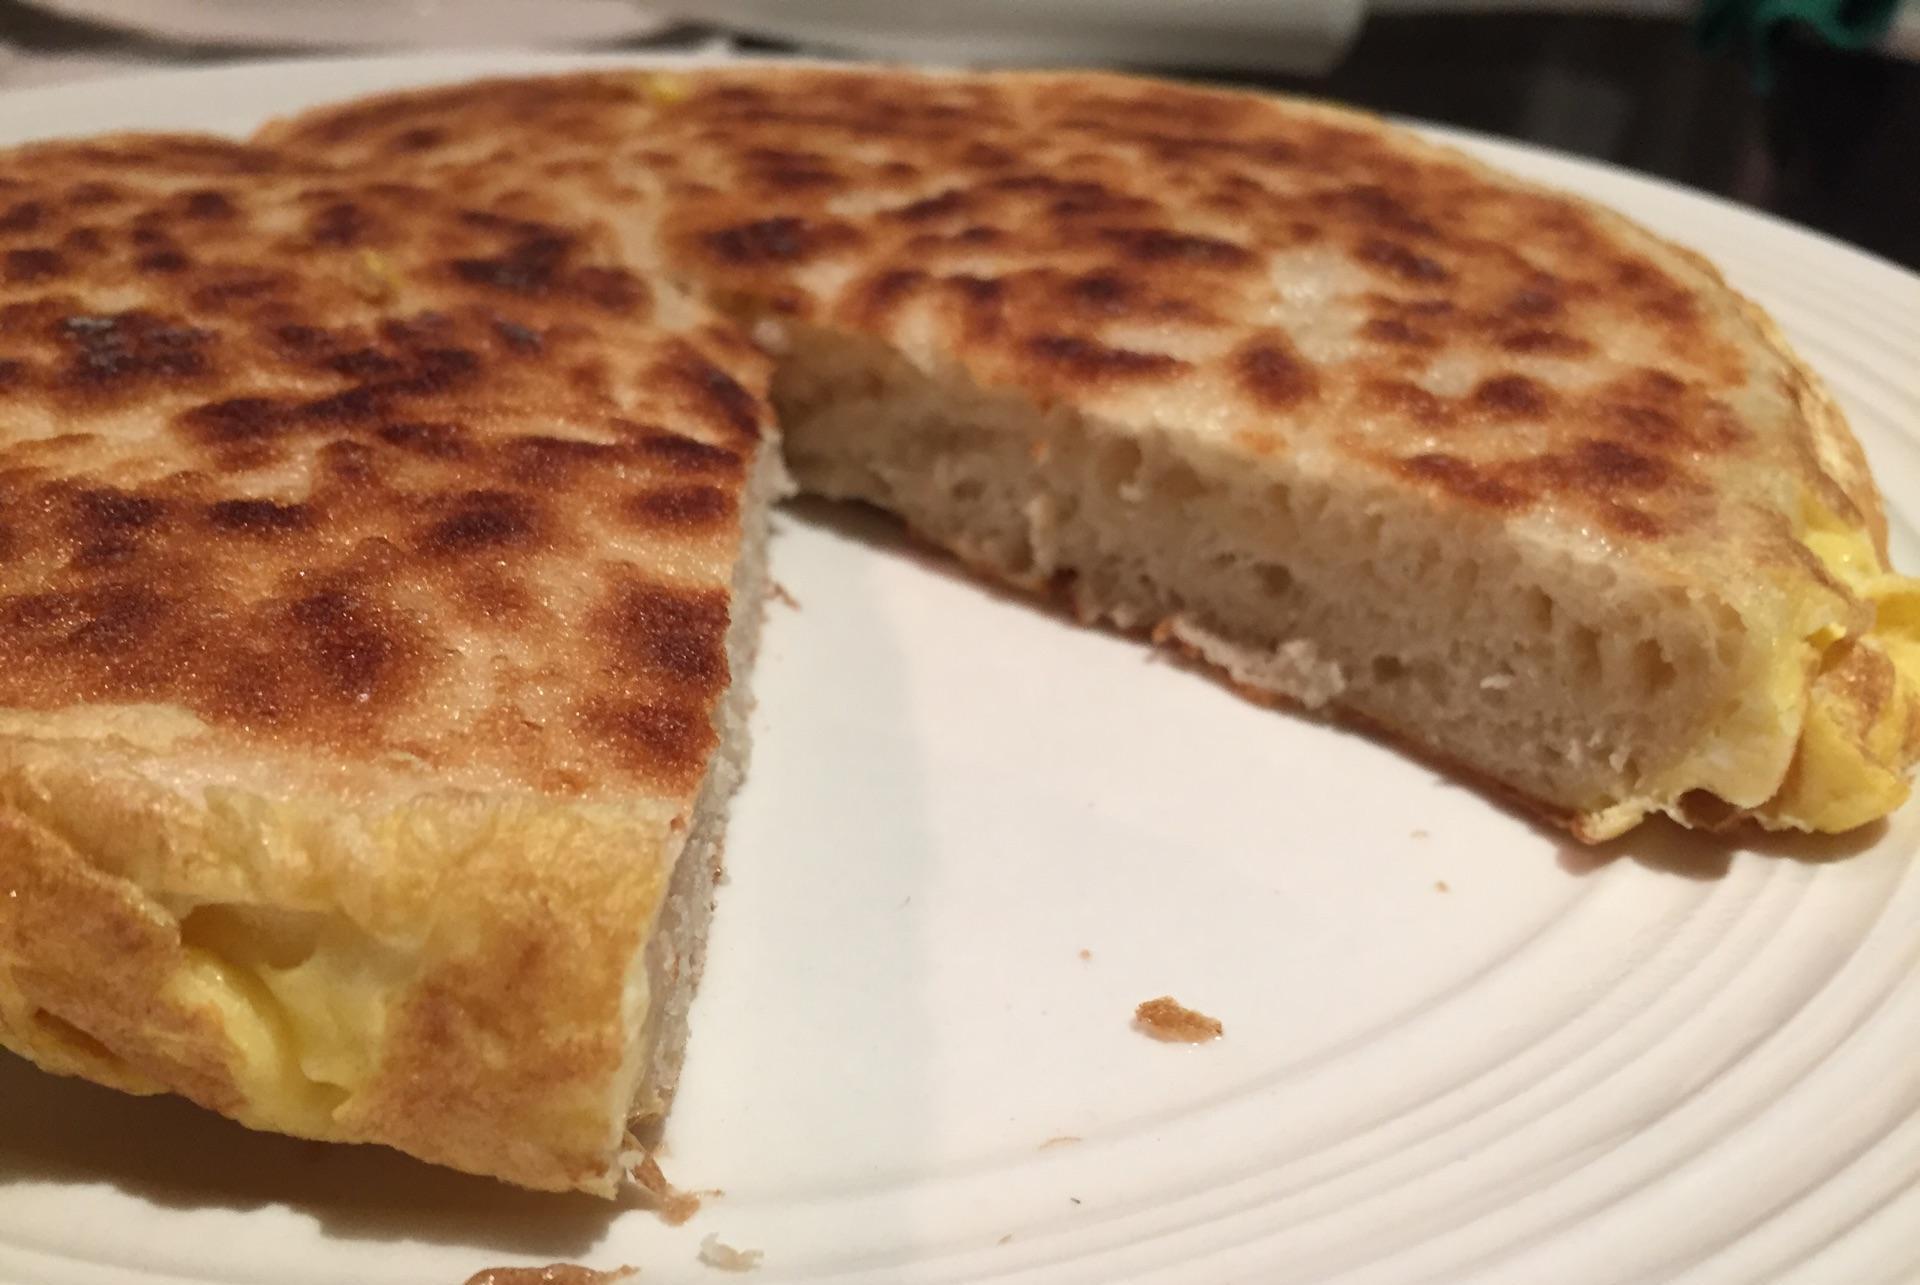 秋季,麦片别光泡牛奶,做成发面饼,层次分明,低脂营养又美味